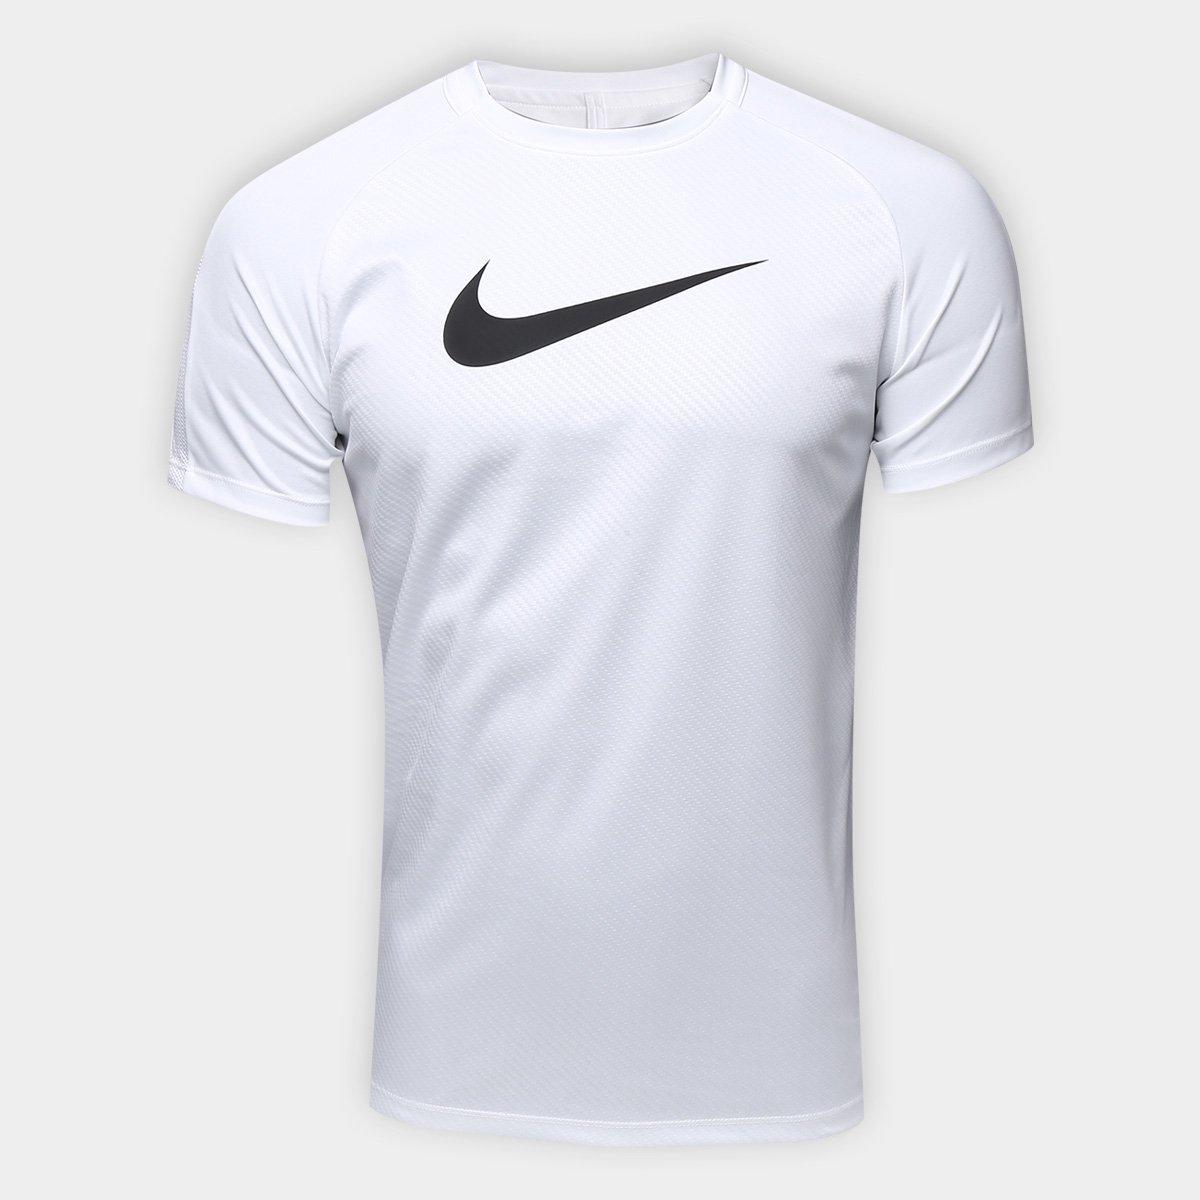 Camiseta Nike Dry Academy Top SS GX2 Masculina - Compre Agora  5cfaf9024e86c